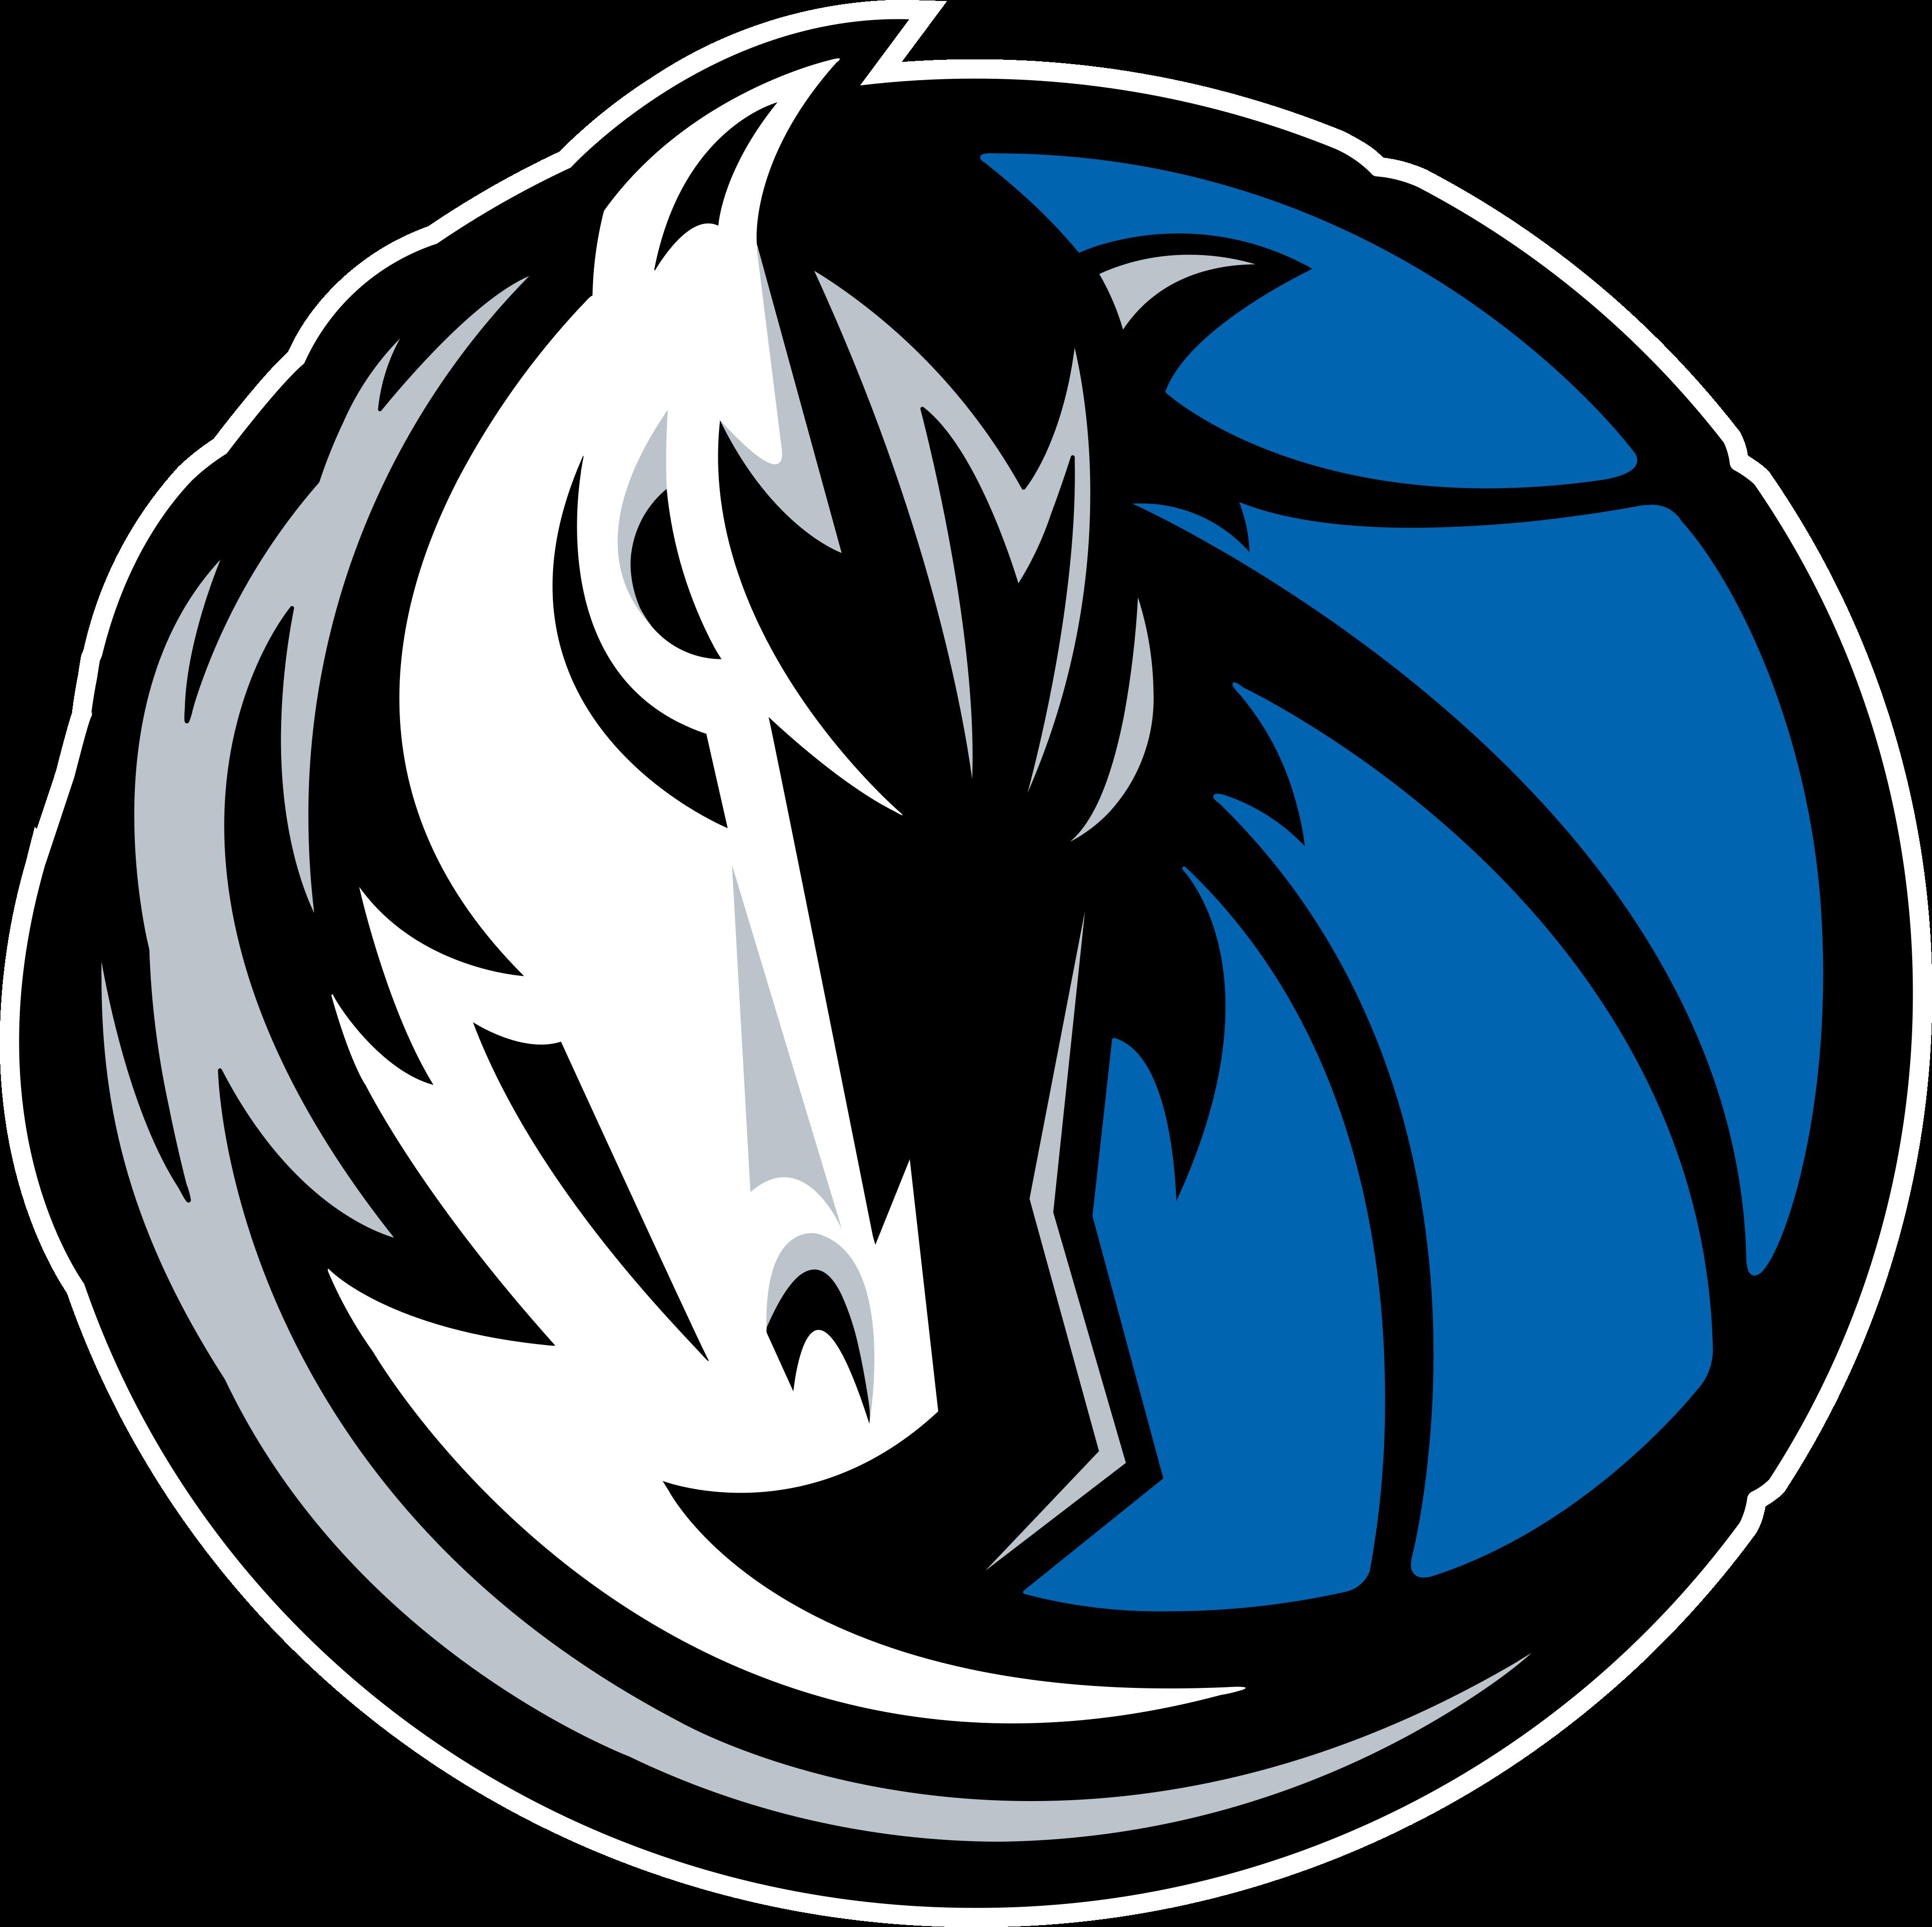 Dallas Mavericks Logo.